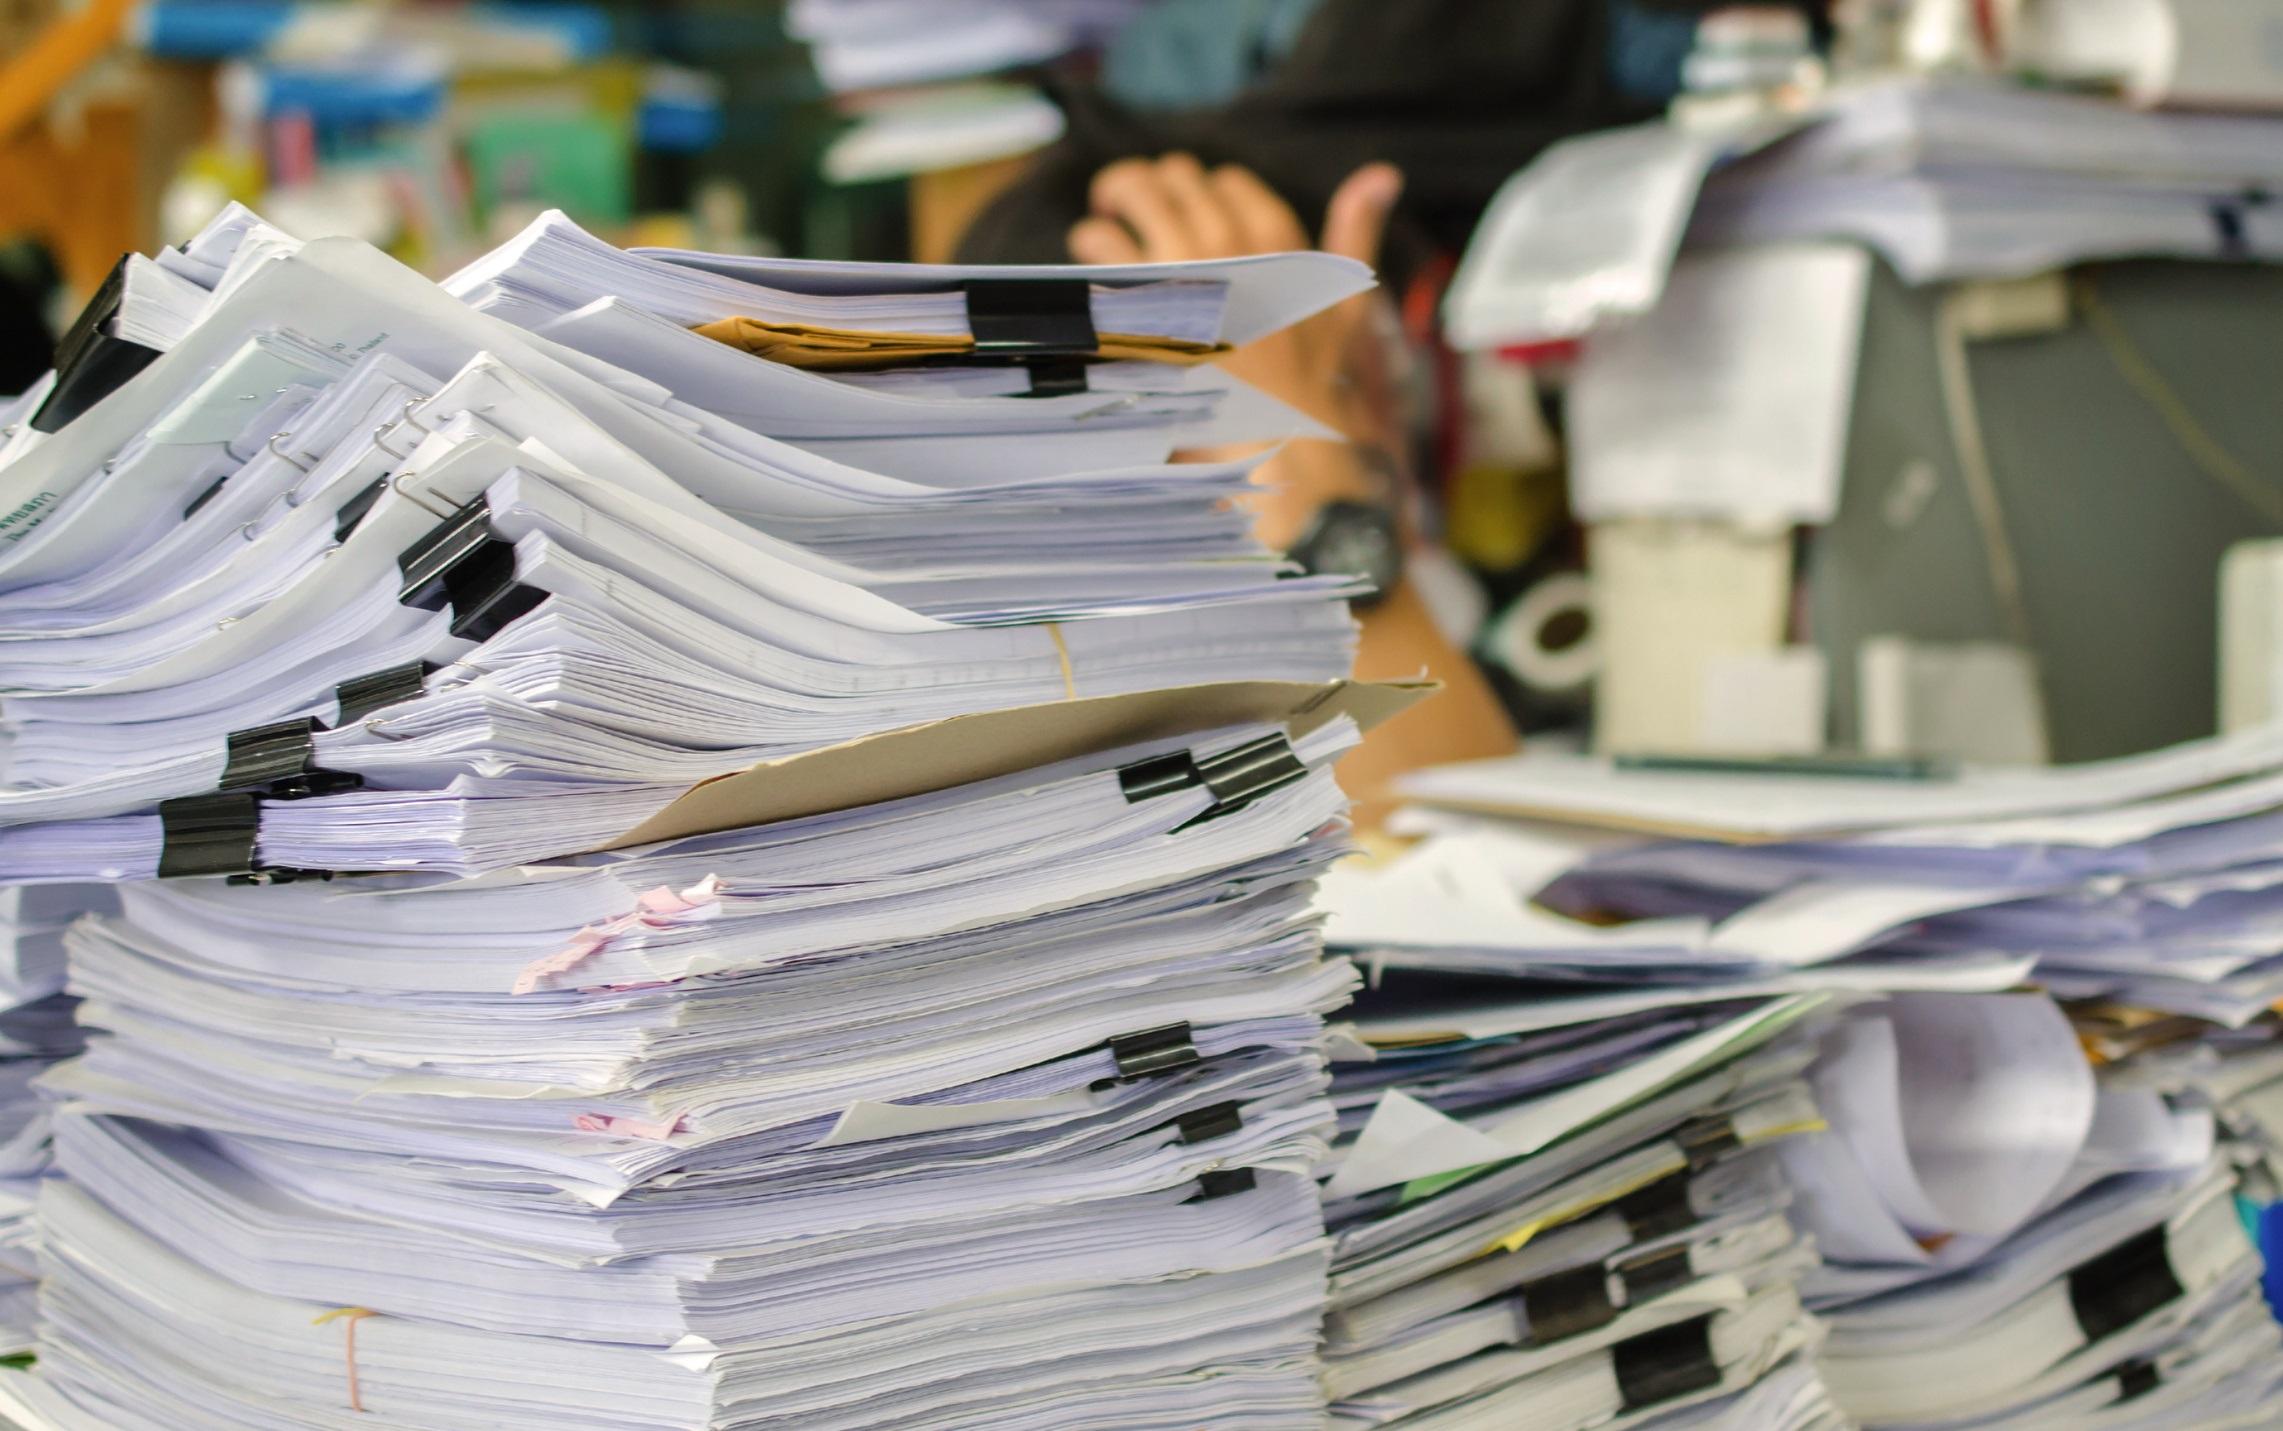 Сотрудники компаний смогут бесплатно сдать макулатуру в своих офисах